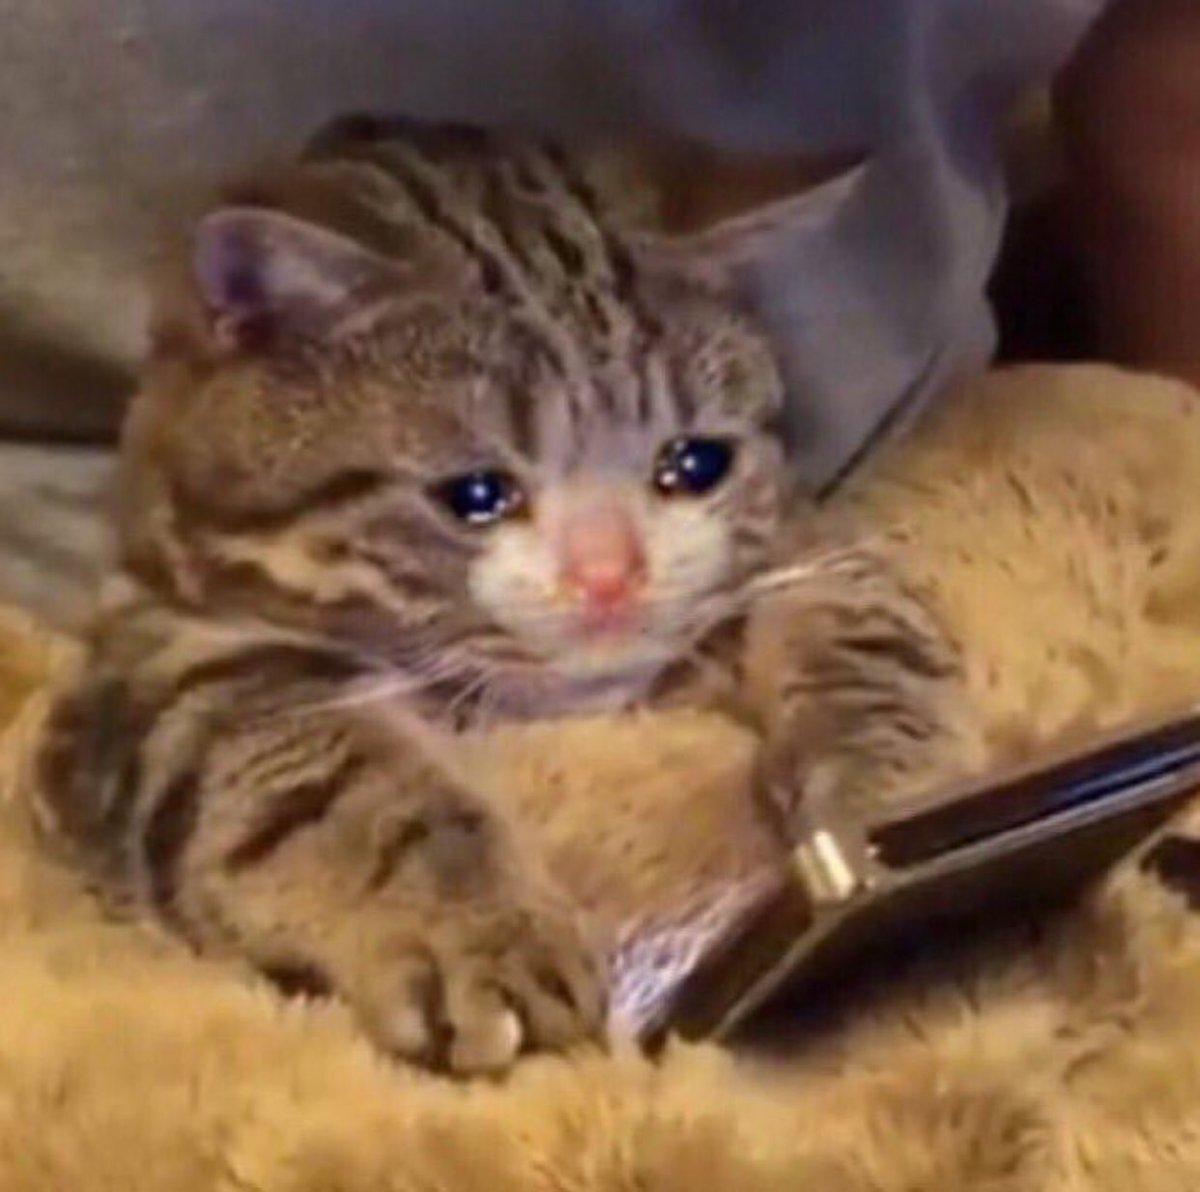 gatito llorando